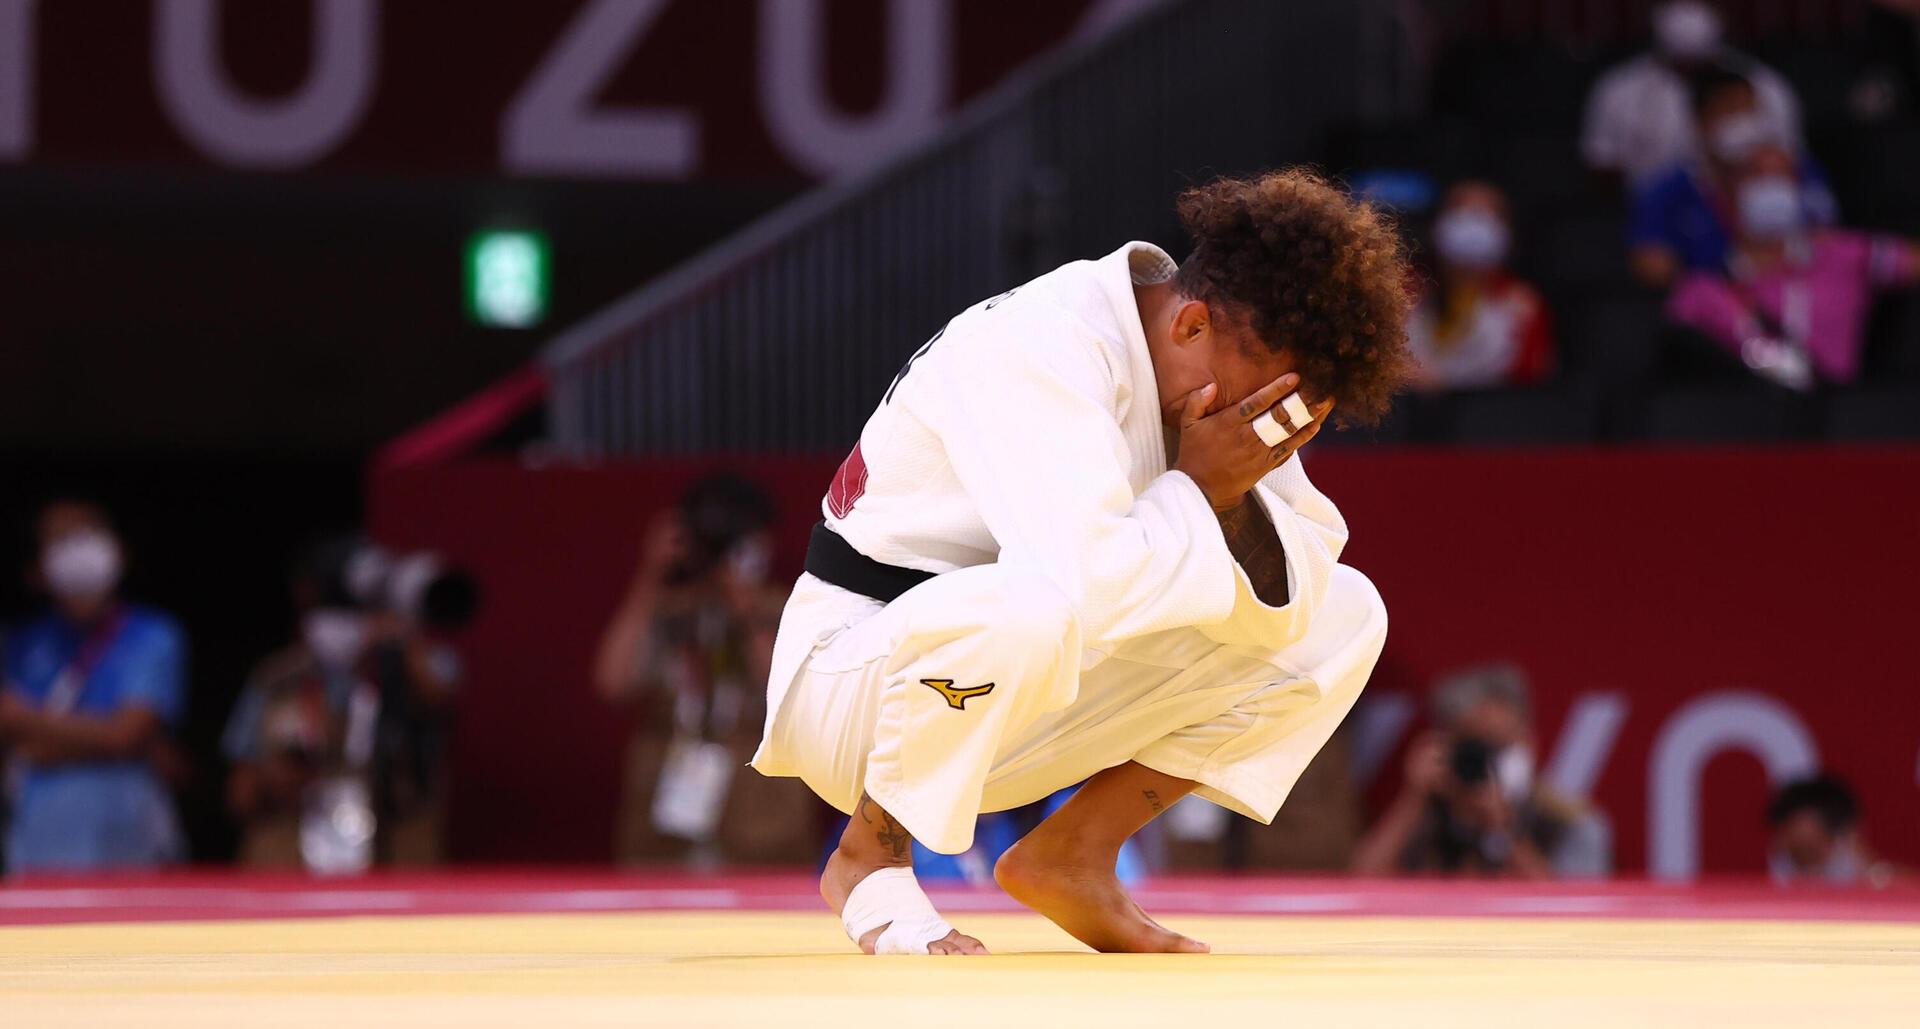 פוטו אוליפיאדה טוקיו מנצחים ומפסידים אמנדינה בוצ'ארד צרפת ג'ודו